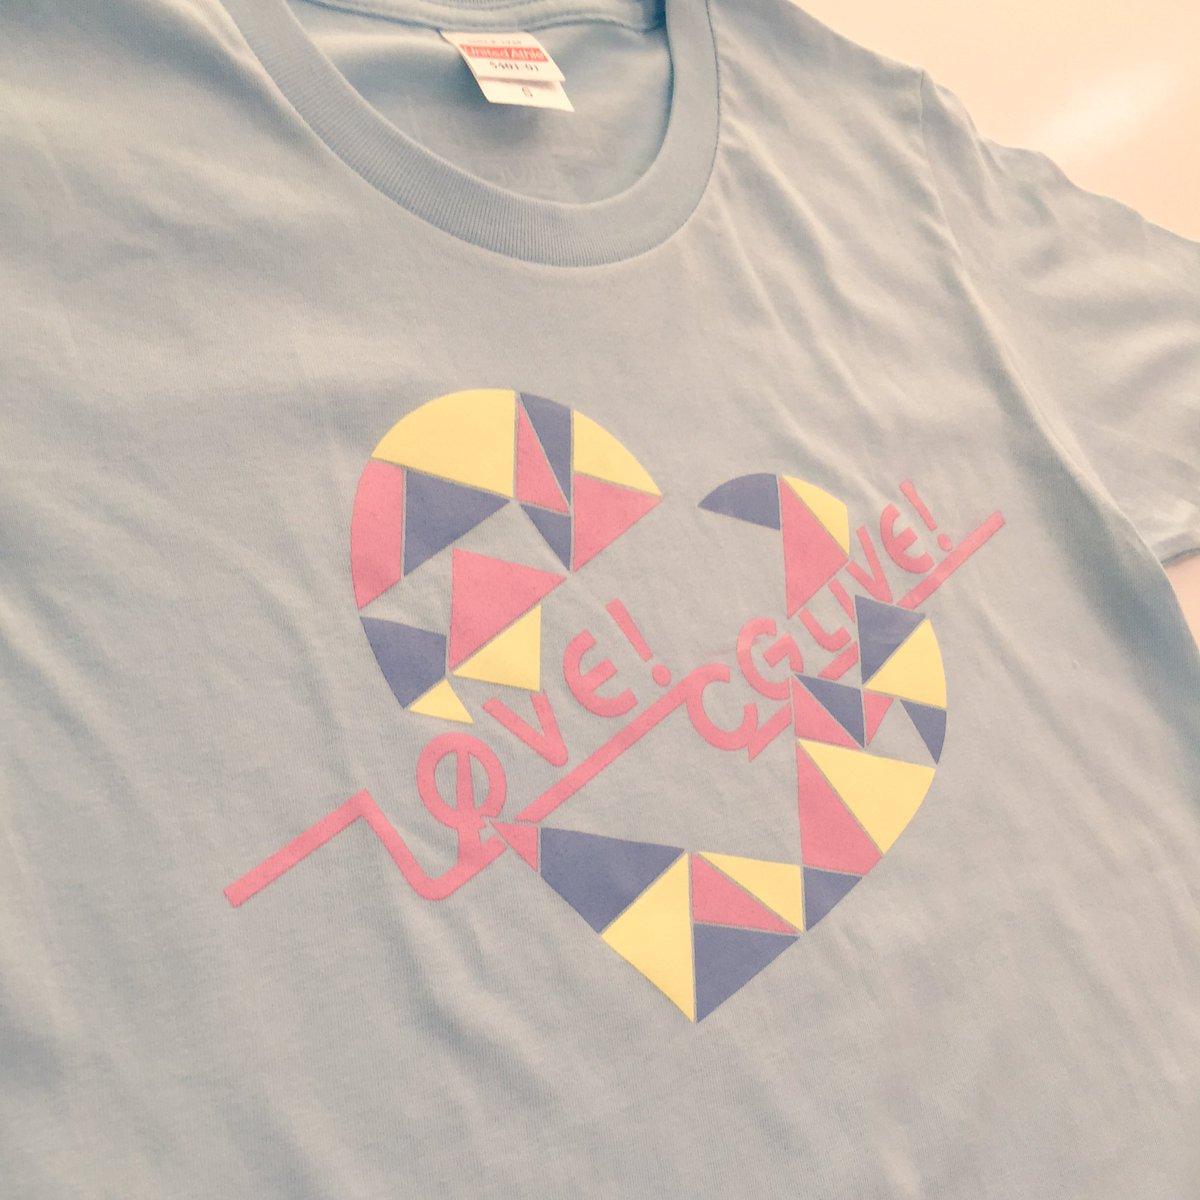 【CG LIVEグッズ紹介】その7「オリジナルTシャツ」。パステルカラーのハートが可愛いデザインで、背面には今回のライブ